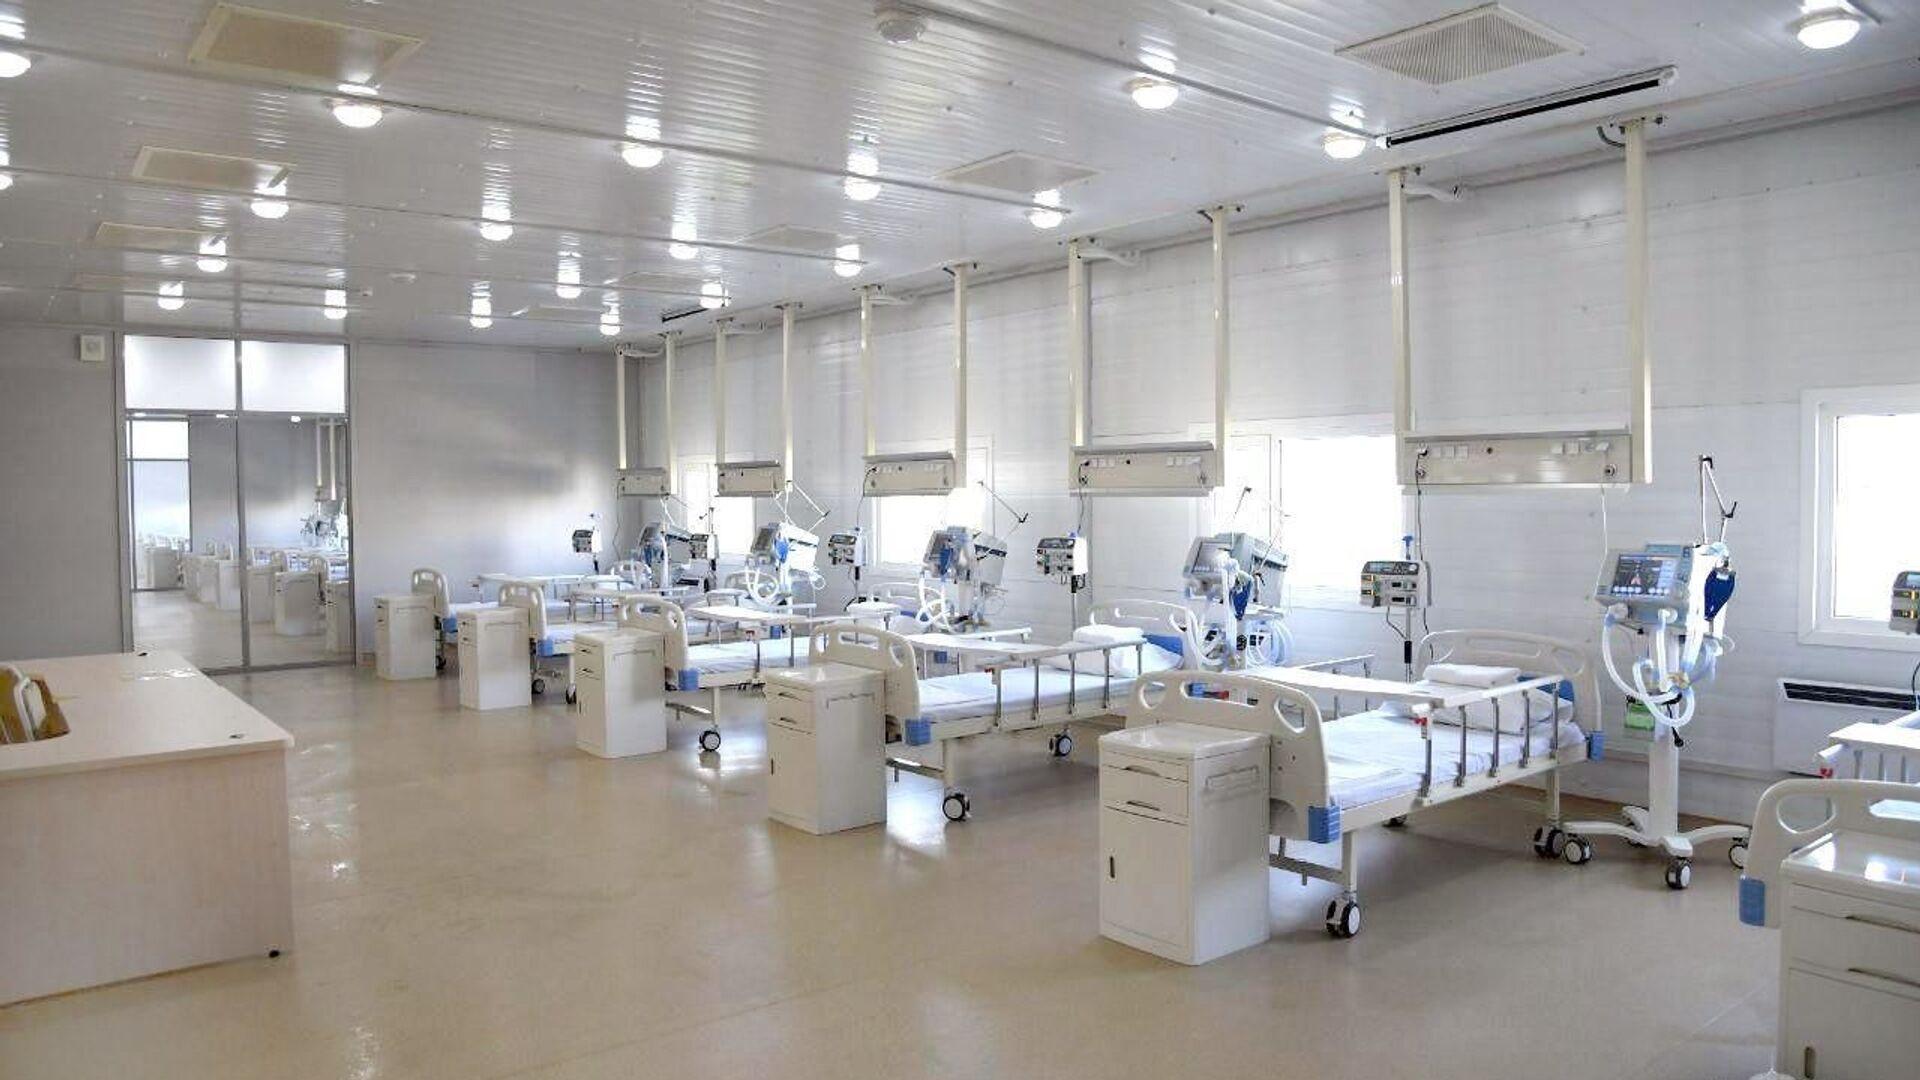 Строительство специализированной многопрофильной больницы в Зангиатинском районе Ташкентской области - Sputnik Узбекистан, 1920, 17.07.2021